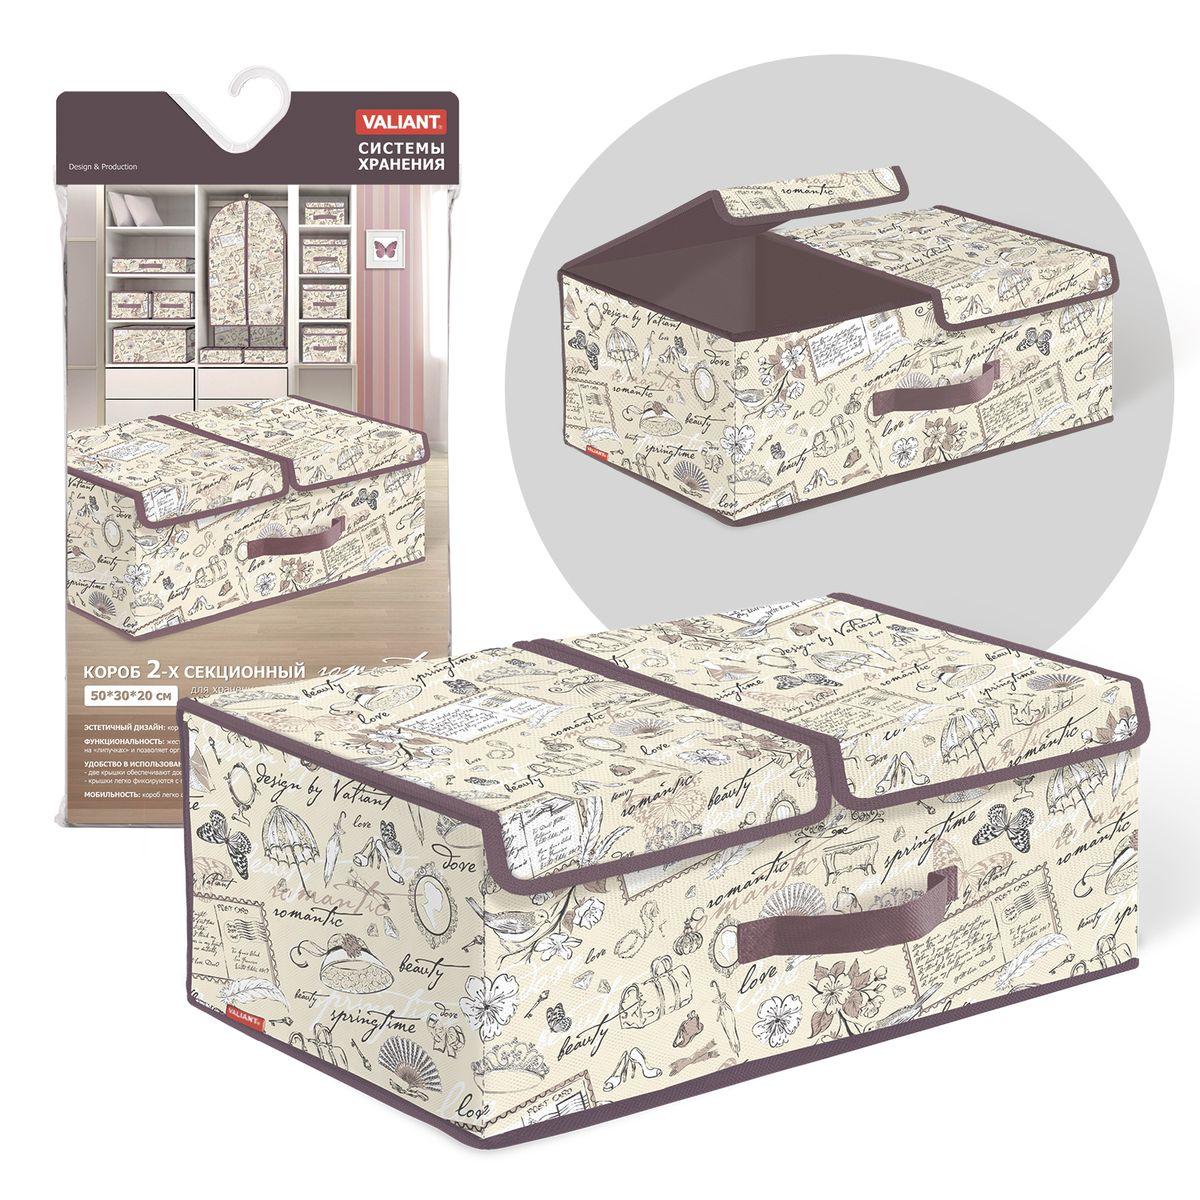 Короб стеллажный Valiant Romantic, двухсекционный, 50 х 30 х 20 смZ-0307Стеллажный короб Valiant Romantic изготовлен из высококачественного нетканого материала, который обеспечивает естественную вентиляцию, позволяя воздуху проникать внутрь, но не пропускает пыль. Вставки из плотного картона хорошо держат форму. Короб предназначен для хранения одежды, белья, мелких вещей. Жесткая съемная перегородка крепится на липучки и позволяет организовать внутри короба две секции. Две крышки обеспечивают доступ к содержимому каждой секции. Крышки фиксируются с помощью специальных магнитов. Изделие отличается мобильностью: легко раскладывается и складывается. Спереди расположена ручка. Система хранения Romantic создаст трогательную атмосферу романтического настроения в женском гардеробе. Оригинальный дизайн придется по вкусу ценительницам эстетичного хранения. Системы хранения в едином дизайне сделают вашу гардеробную изысканной и невероятно стильной.